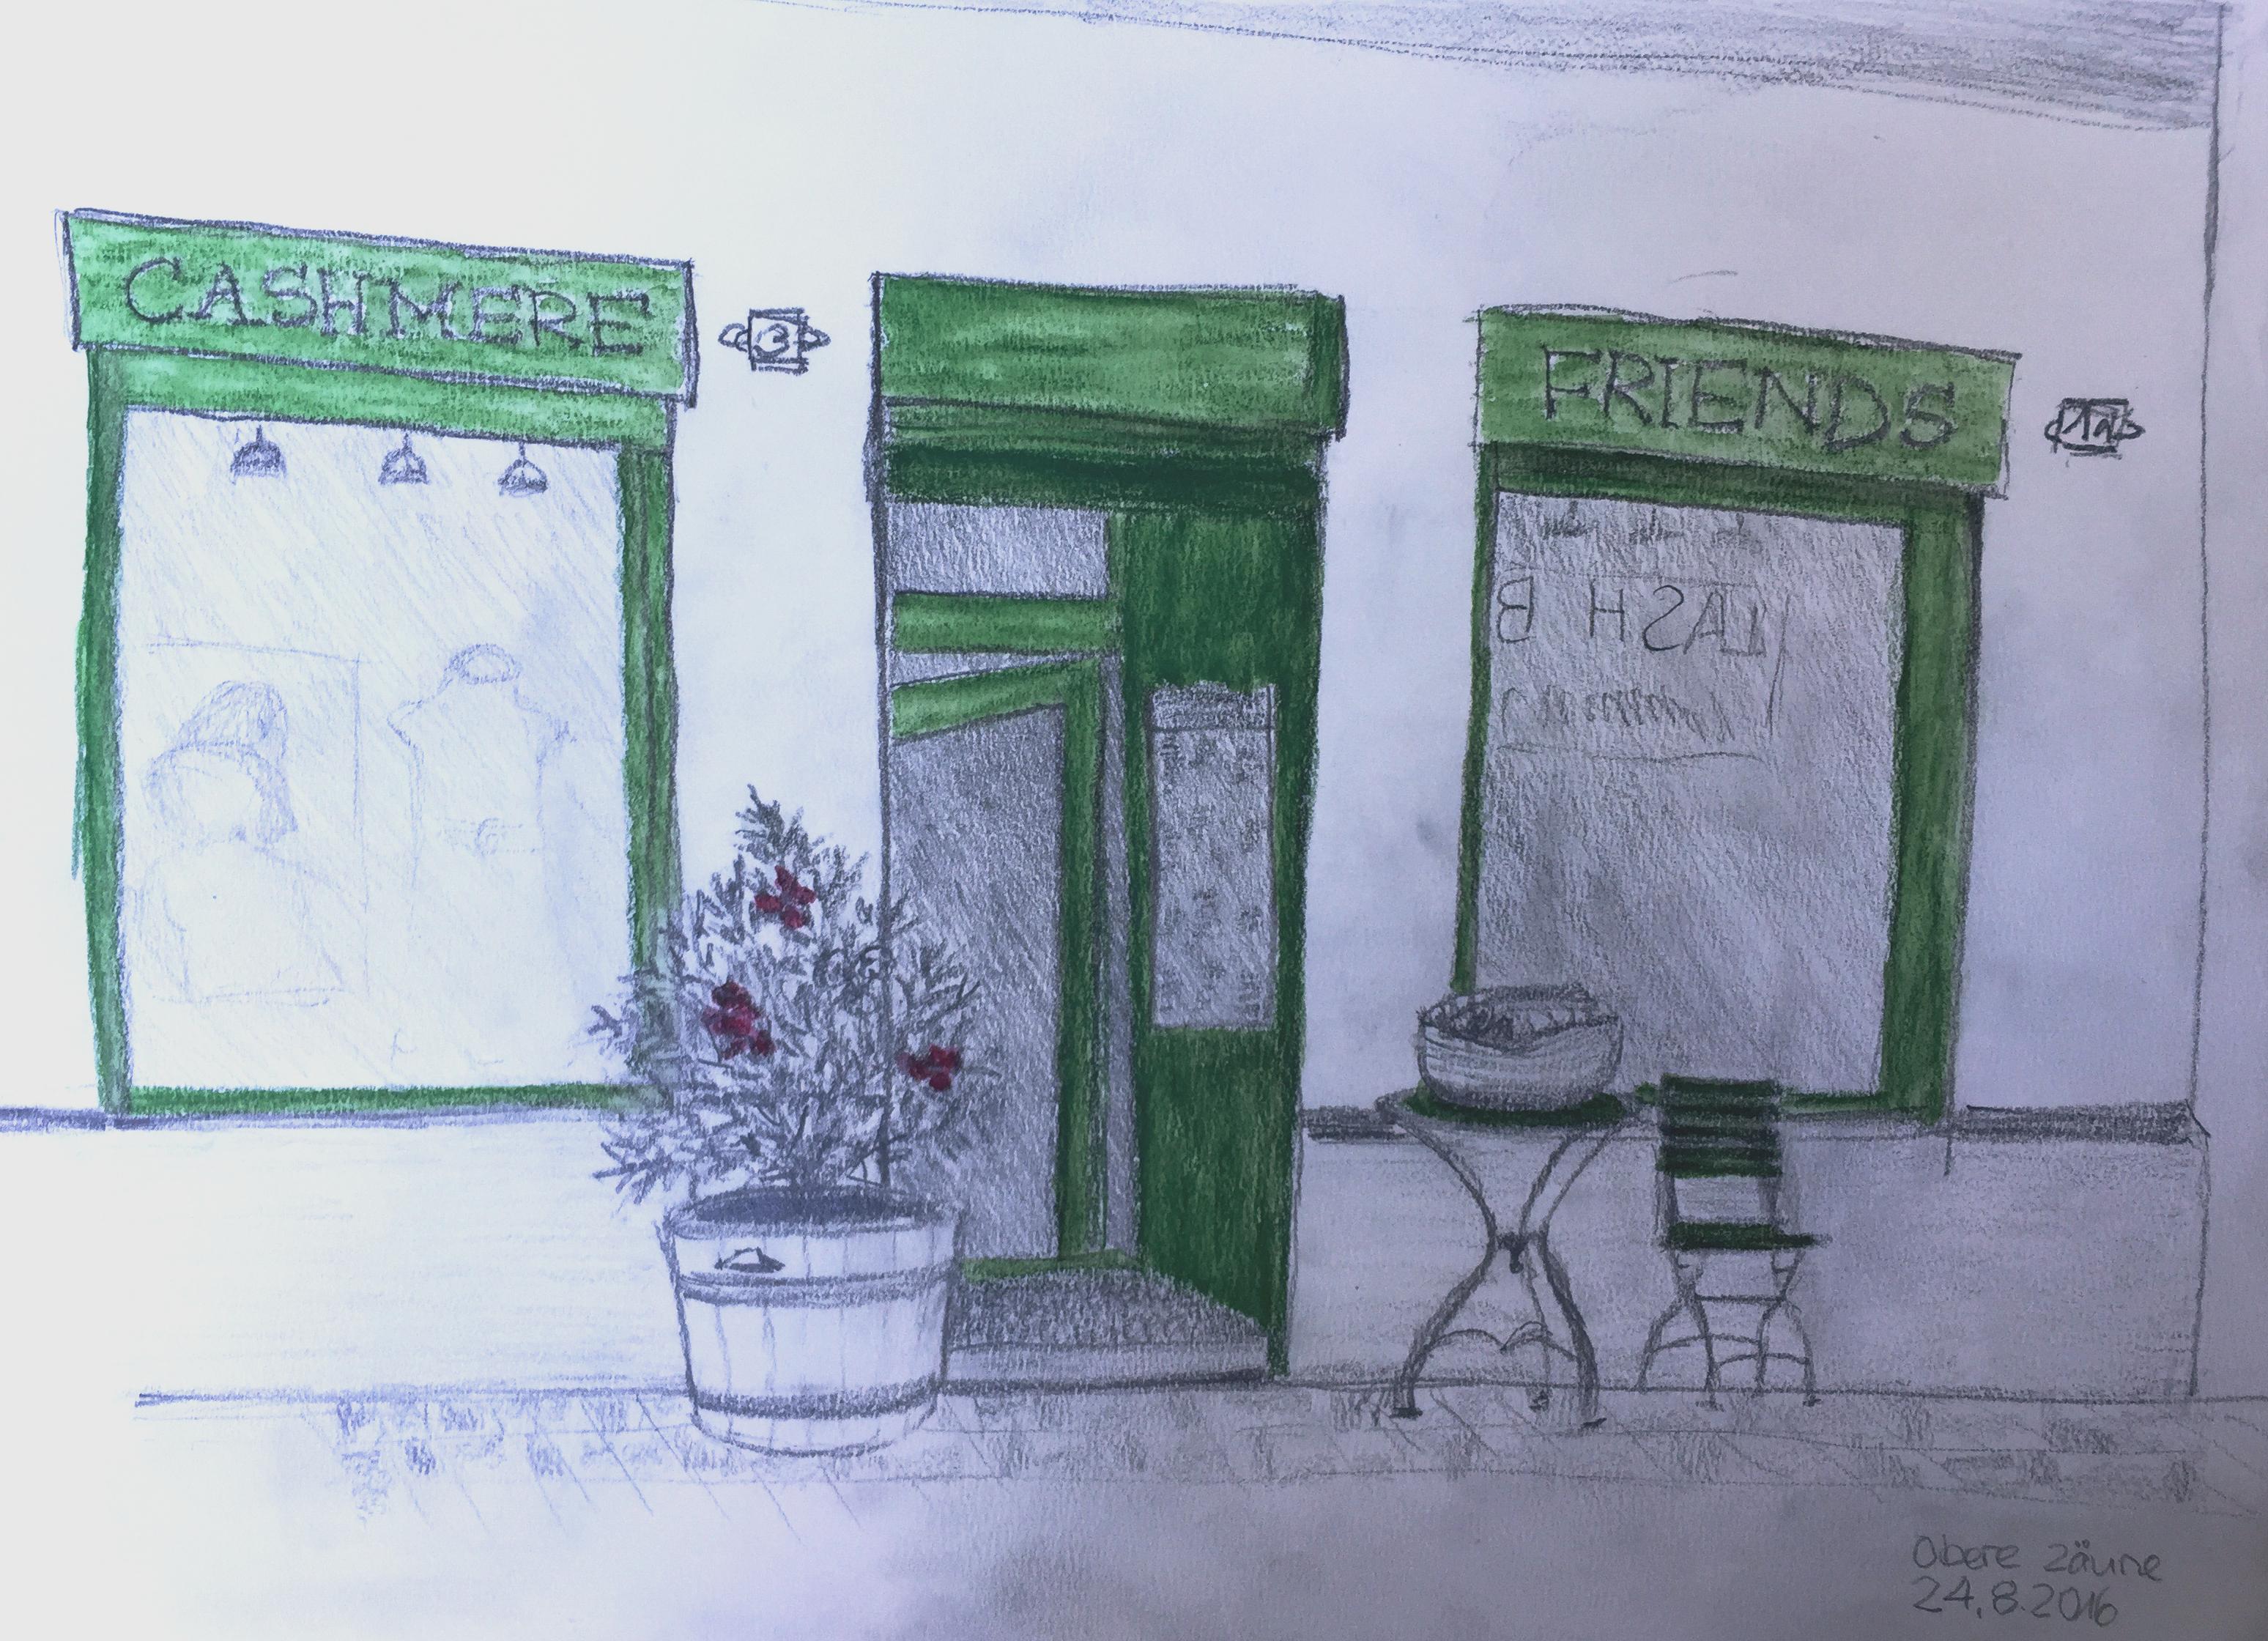 Chris Vonlanthen,Obere Zaeune, Zürich,Sommerkurs,Astrid Amadeo, Urban Sketching, Blog